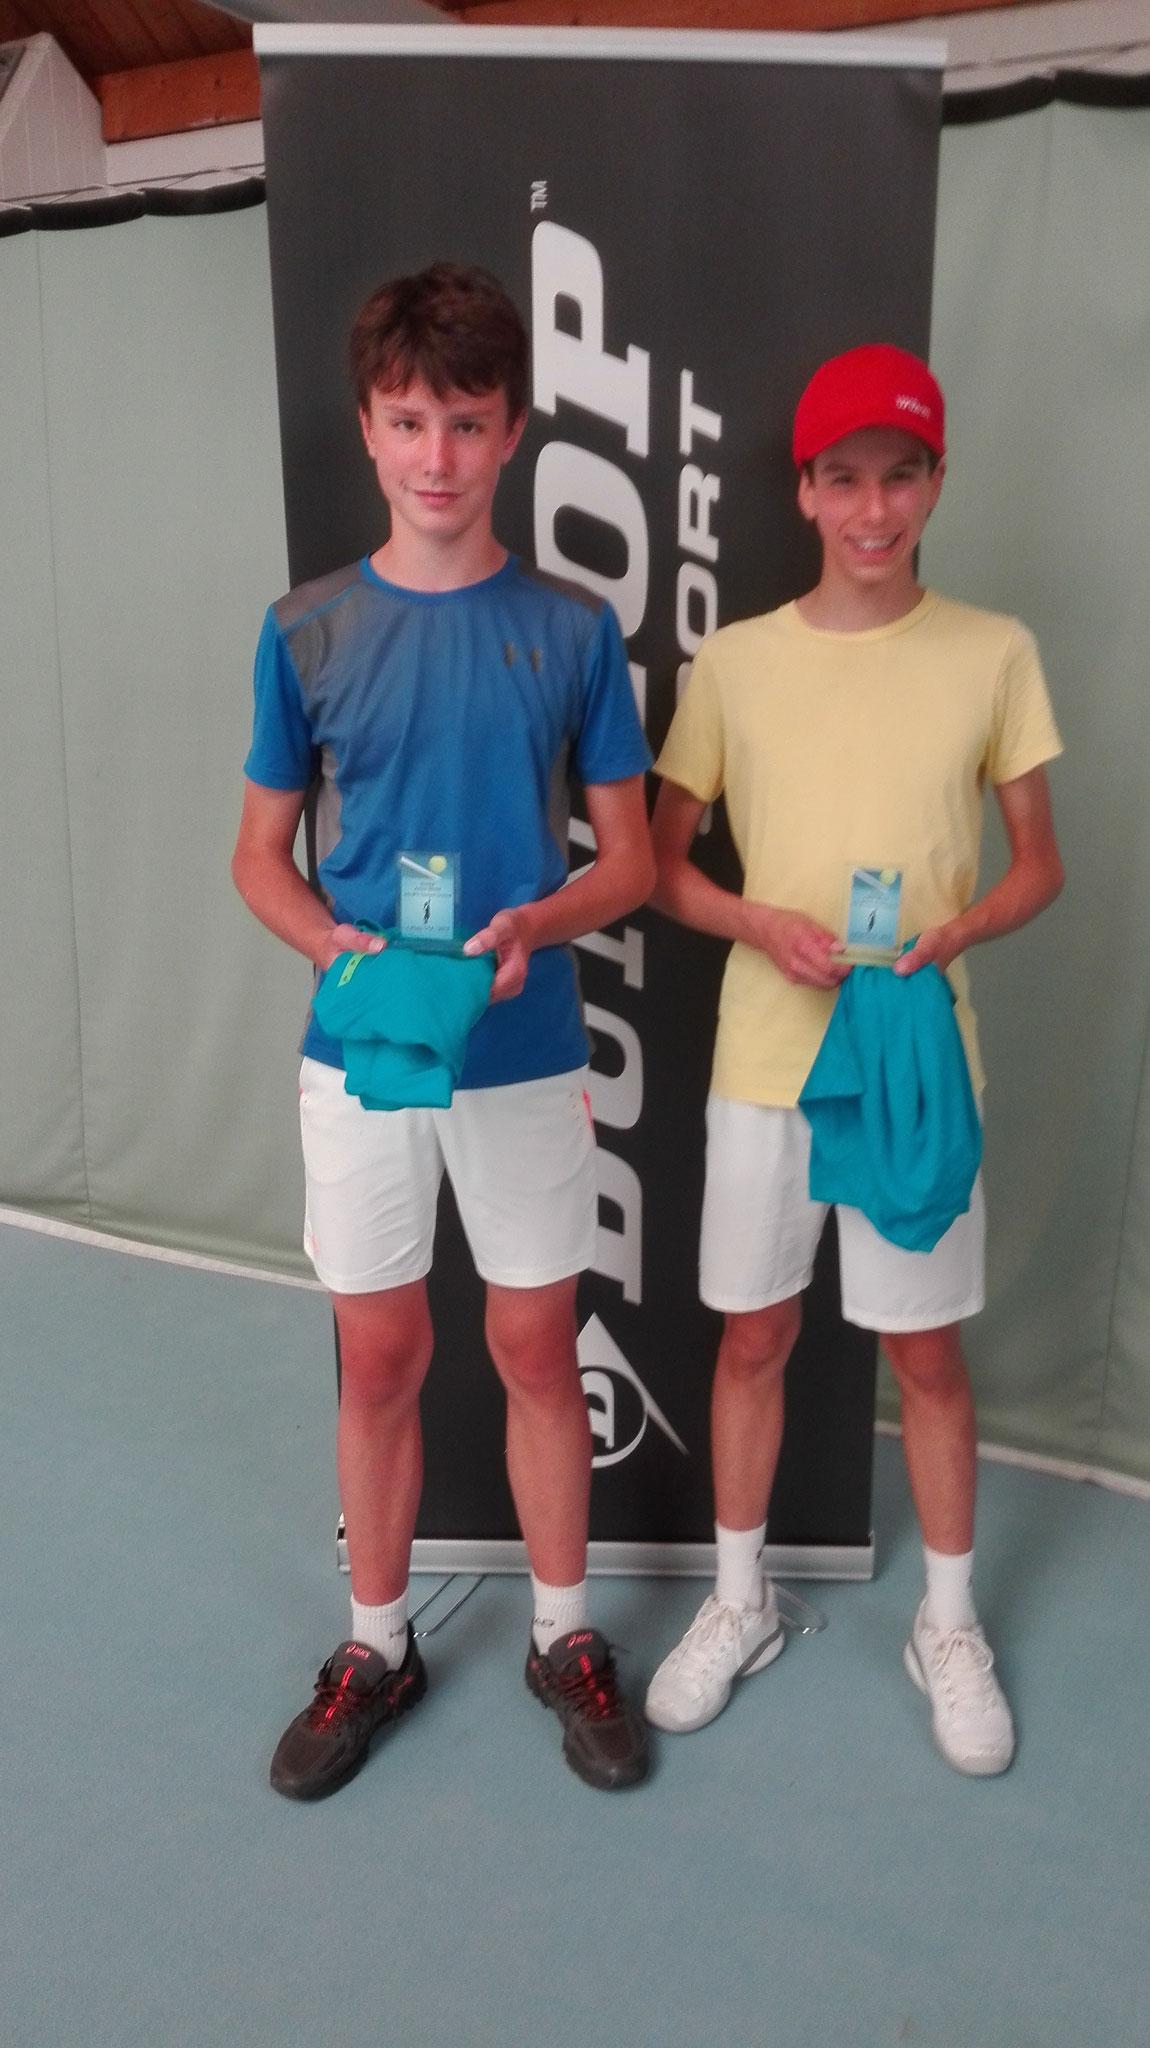 Jungen U14: Sieger Louis Schubert, 2.Platz Jonathan Remmers